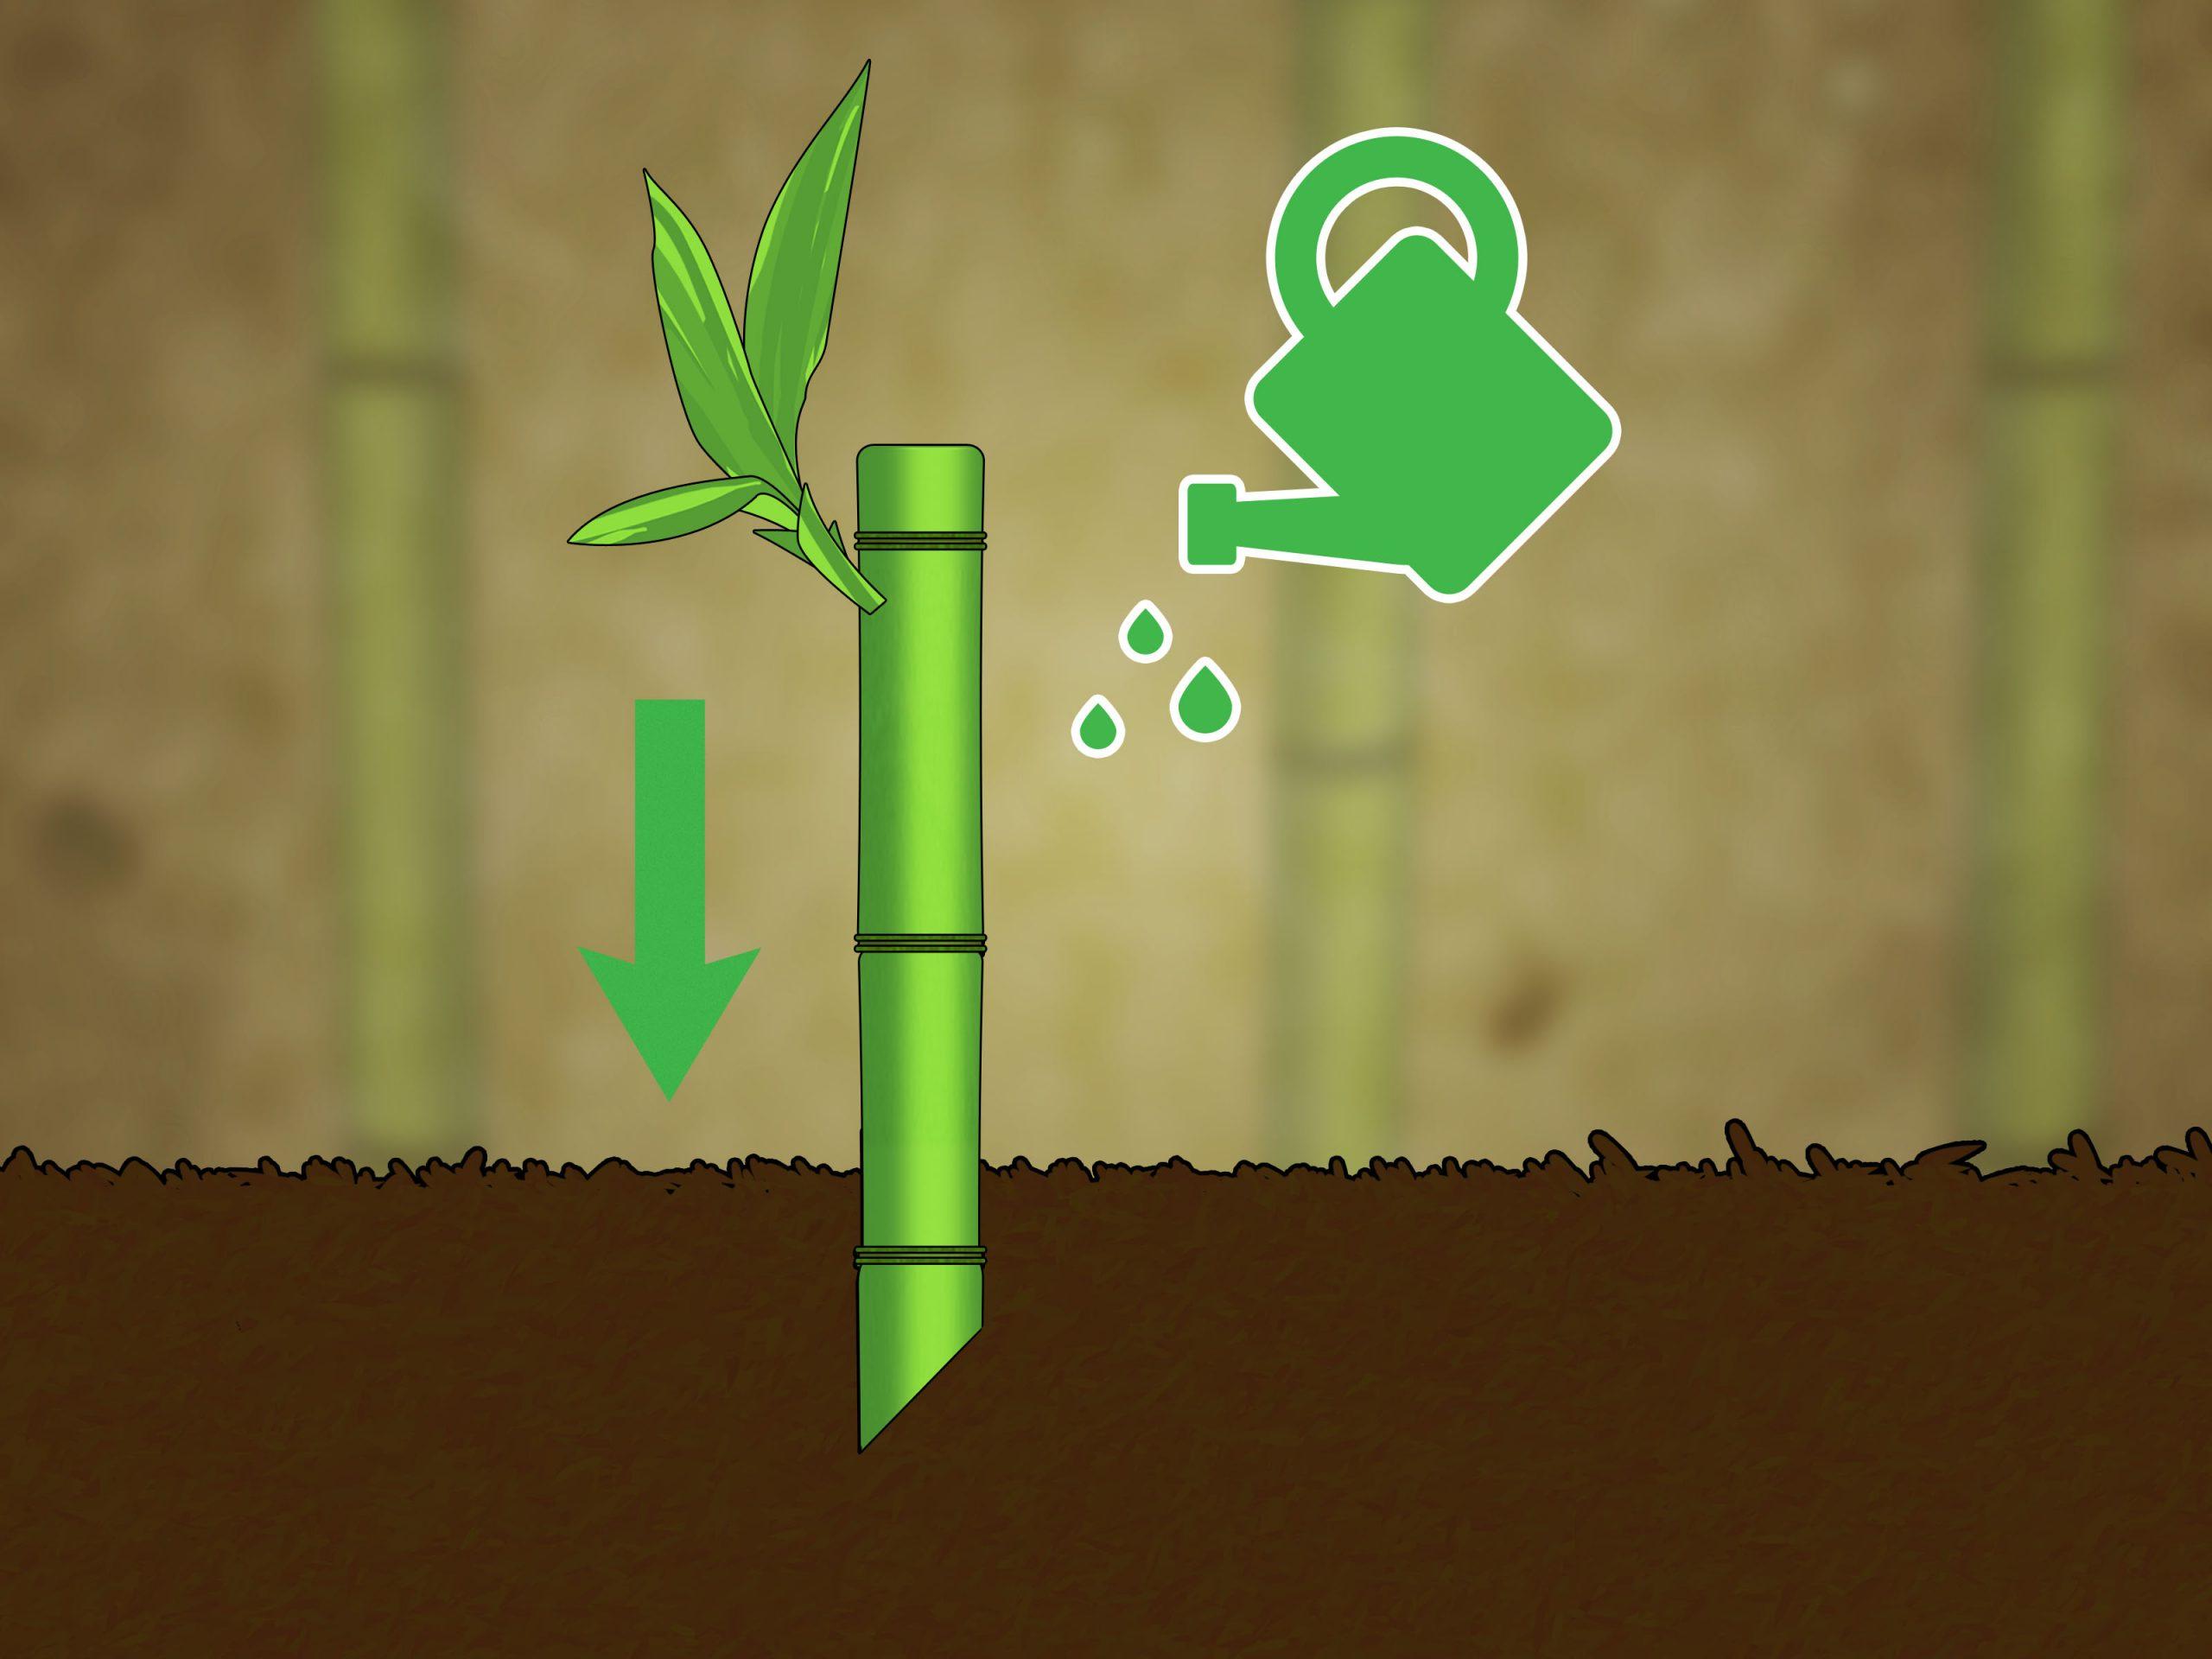 3 Manières De Couper Du Bambou - Wikihow intérieur Comment Eliminer Les Bambous Dans Un Jardin